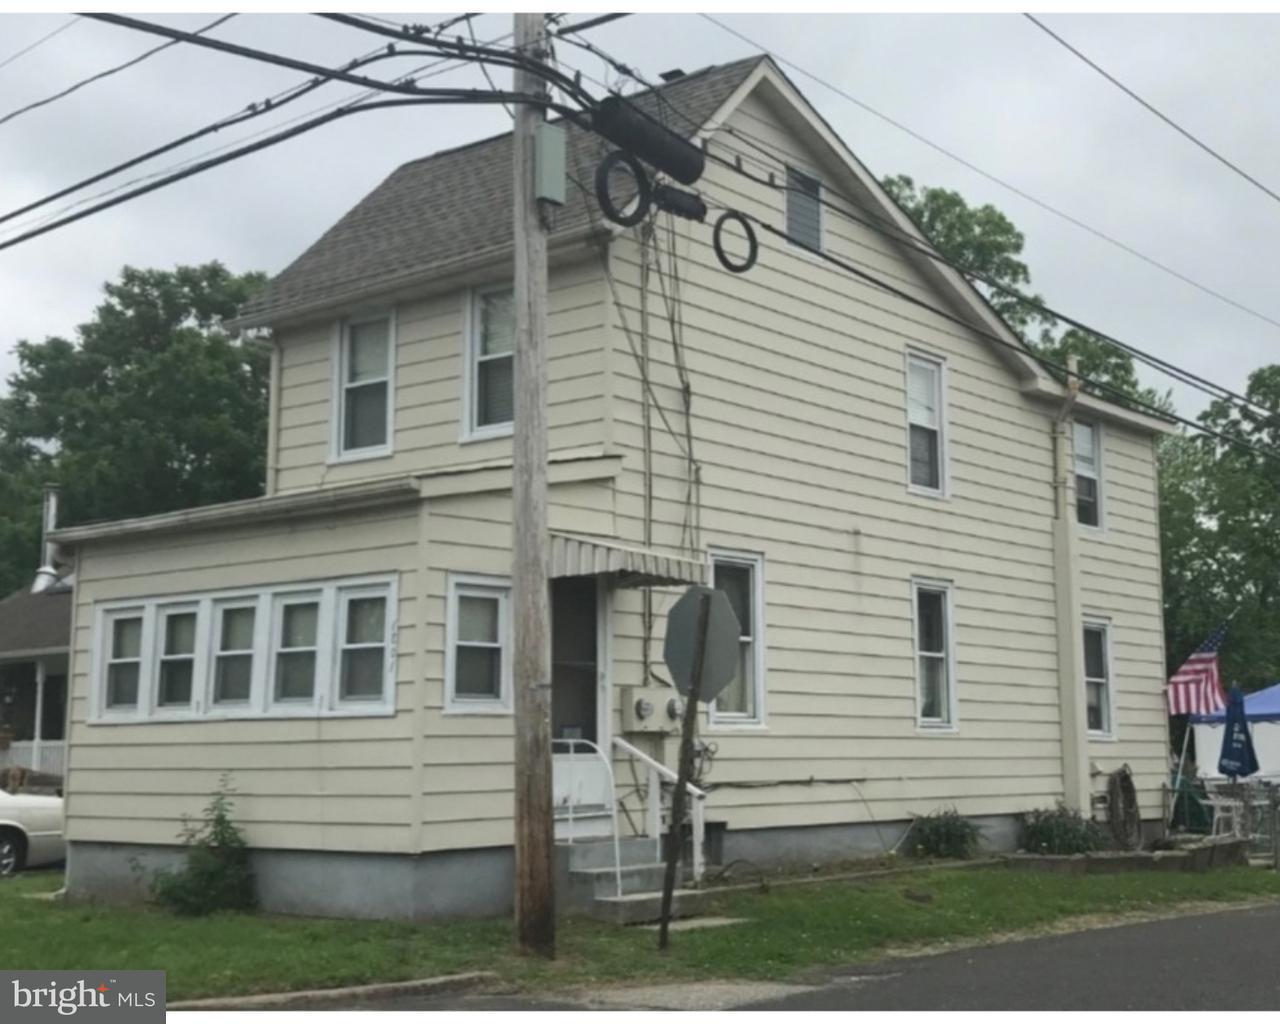 Doppelhaus für Verkauf beim 1801 JACKSON Street Cinnaminson Township, New Jersey 08077 Vereinigte Staaten